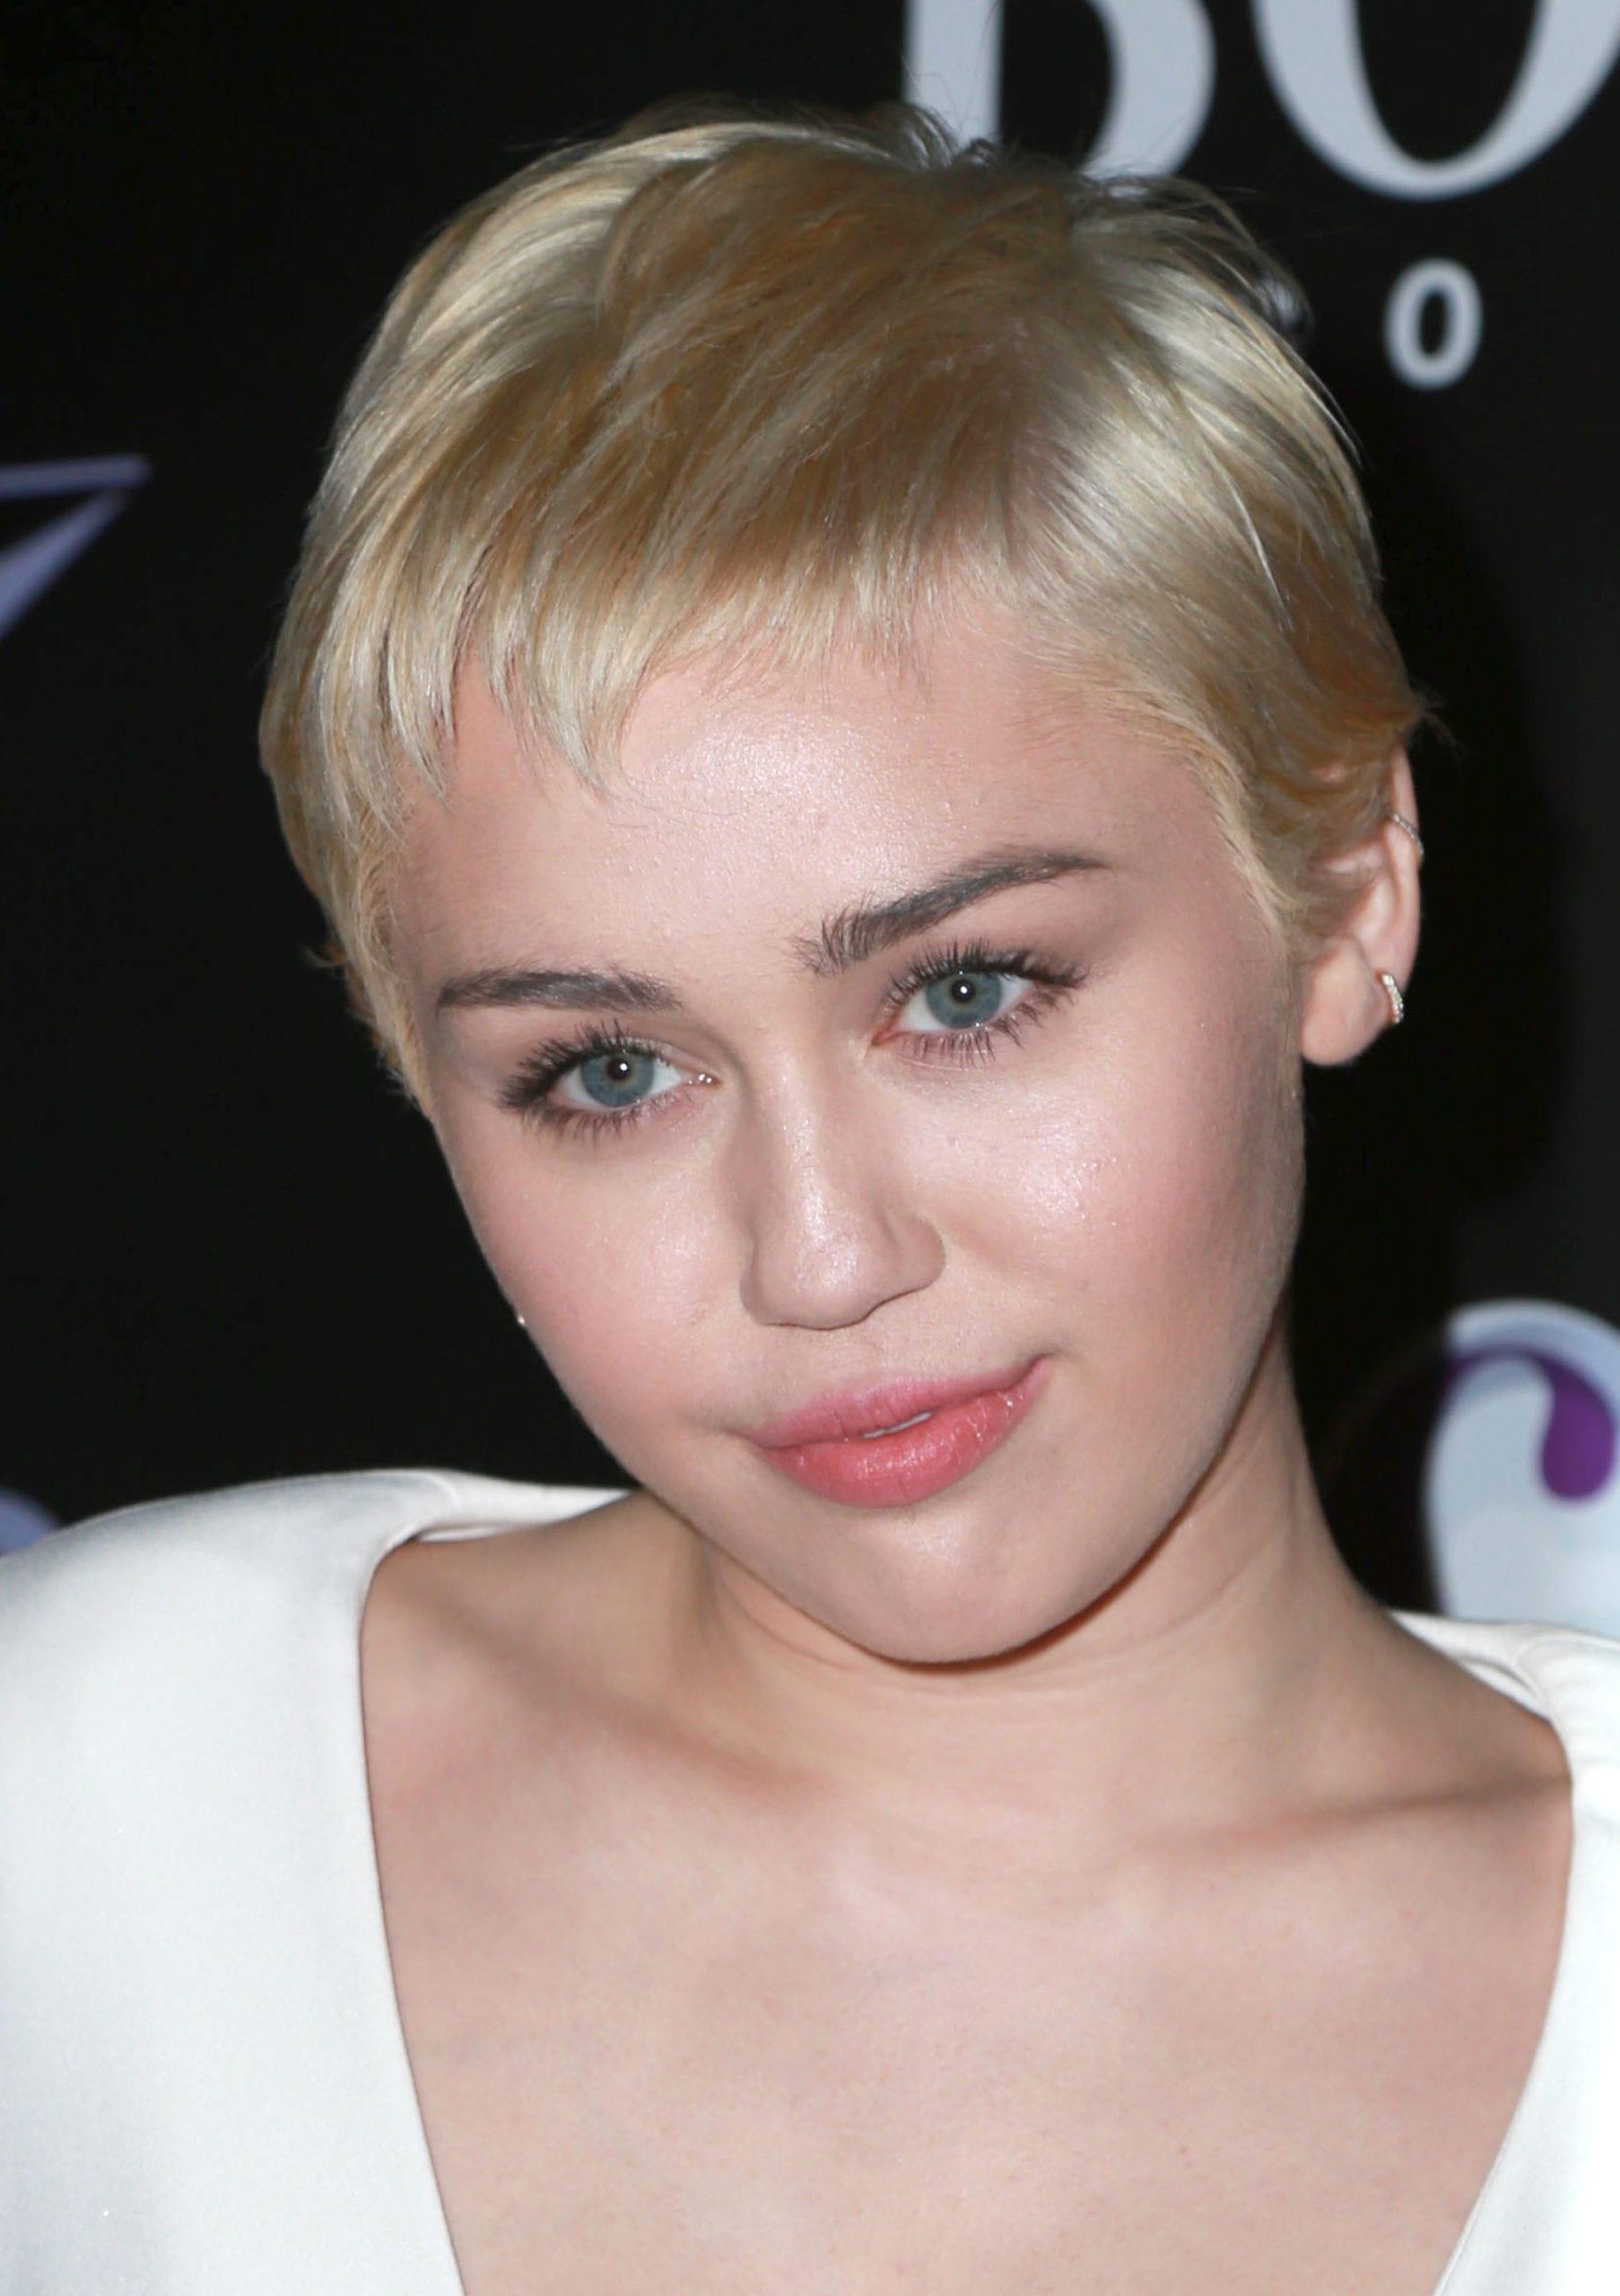 Miley Cyrus' Blonde Microbangs